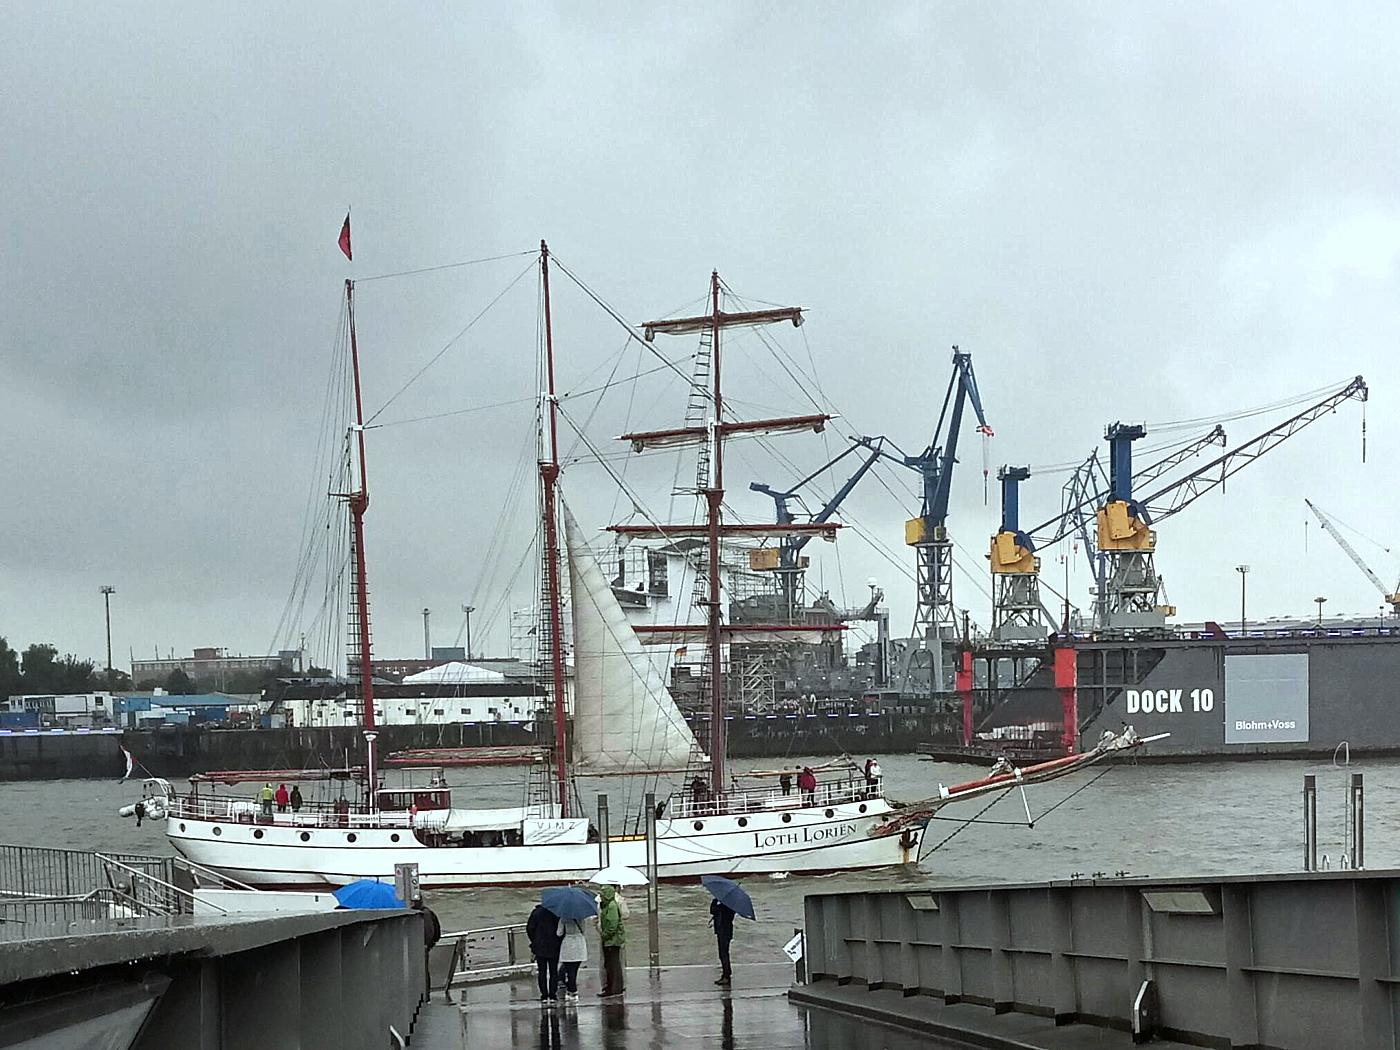 Norderelbe Dock 10